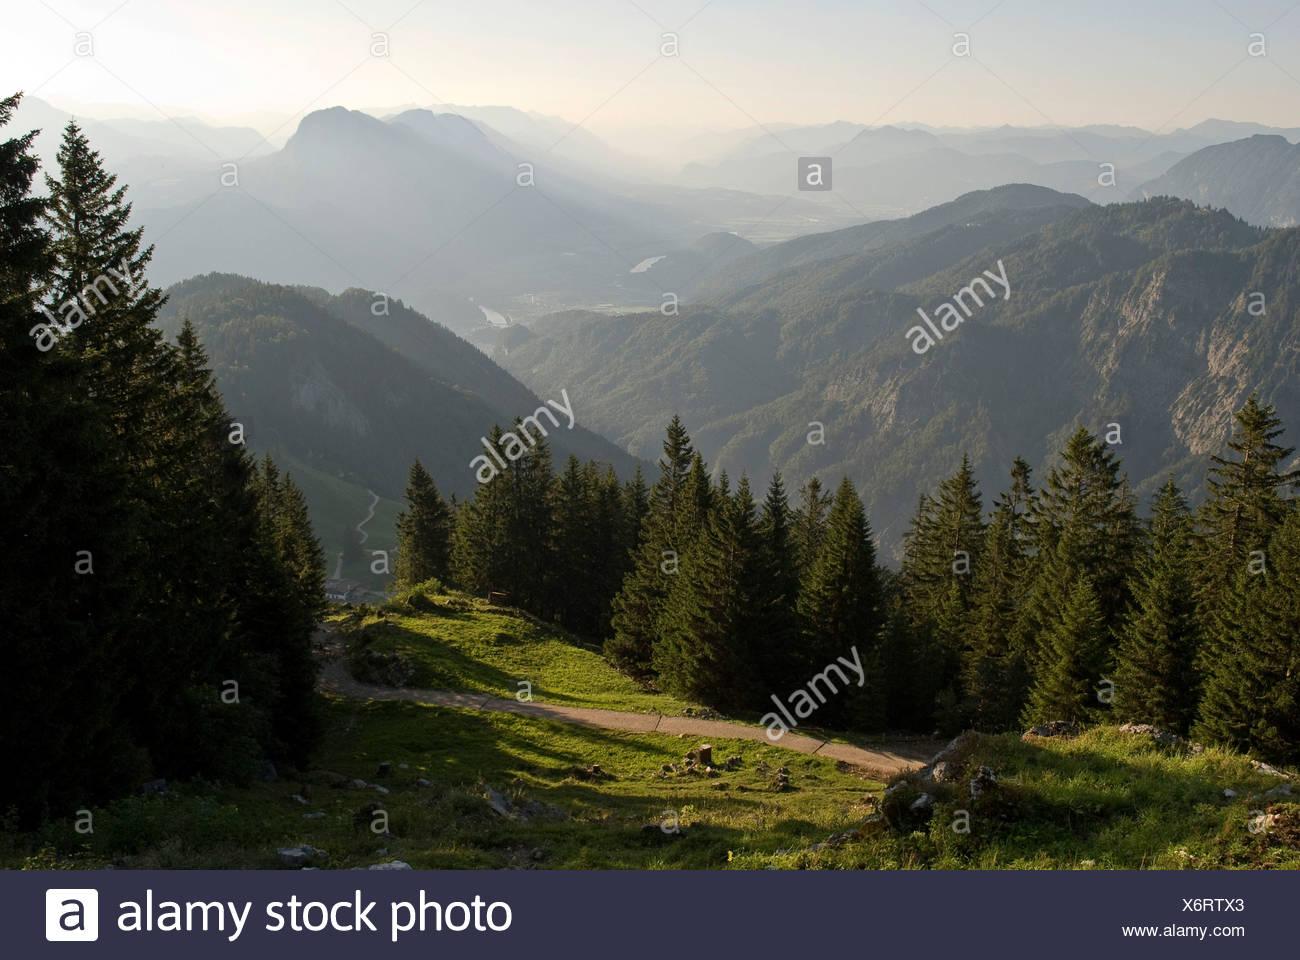 Kaisergebirge Bergen, Blick von der Vorderkaiserfeldenhuette Alm, Kufstein, Österreich, Europa Stockbild